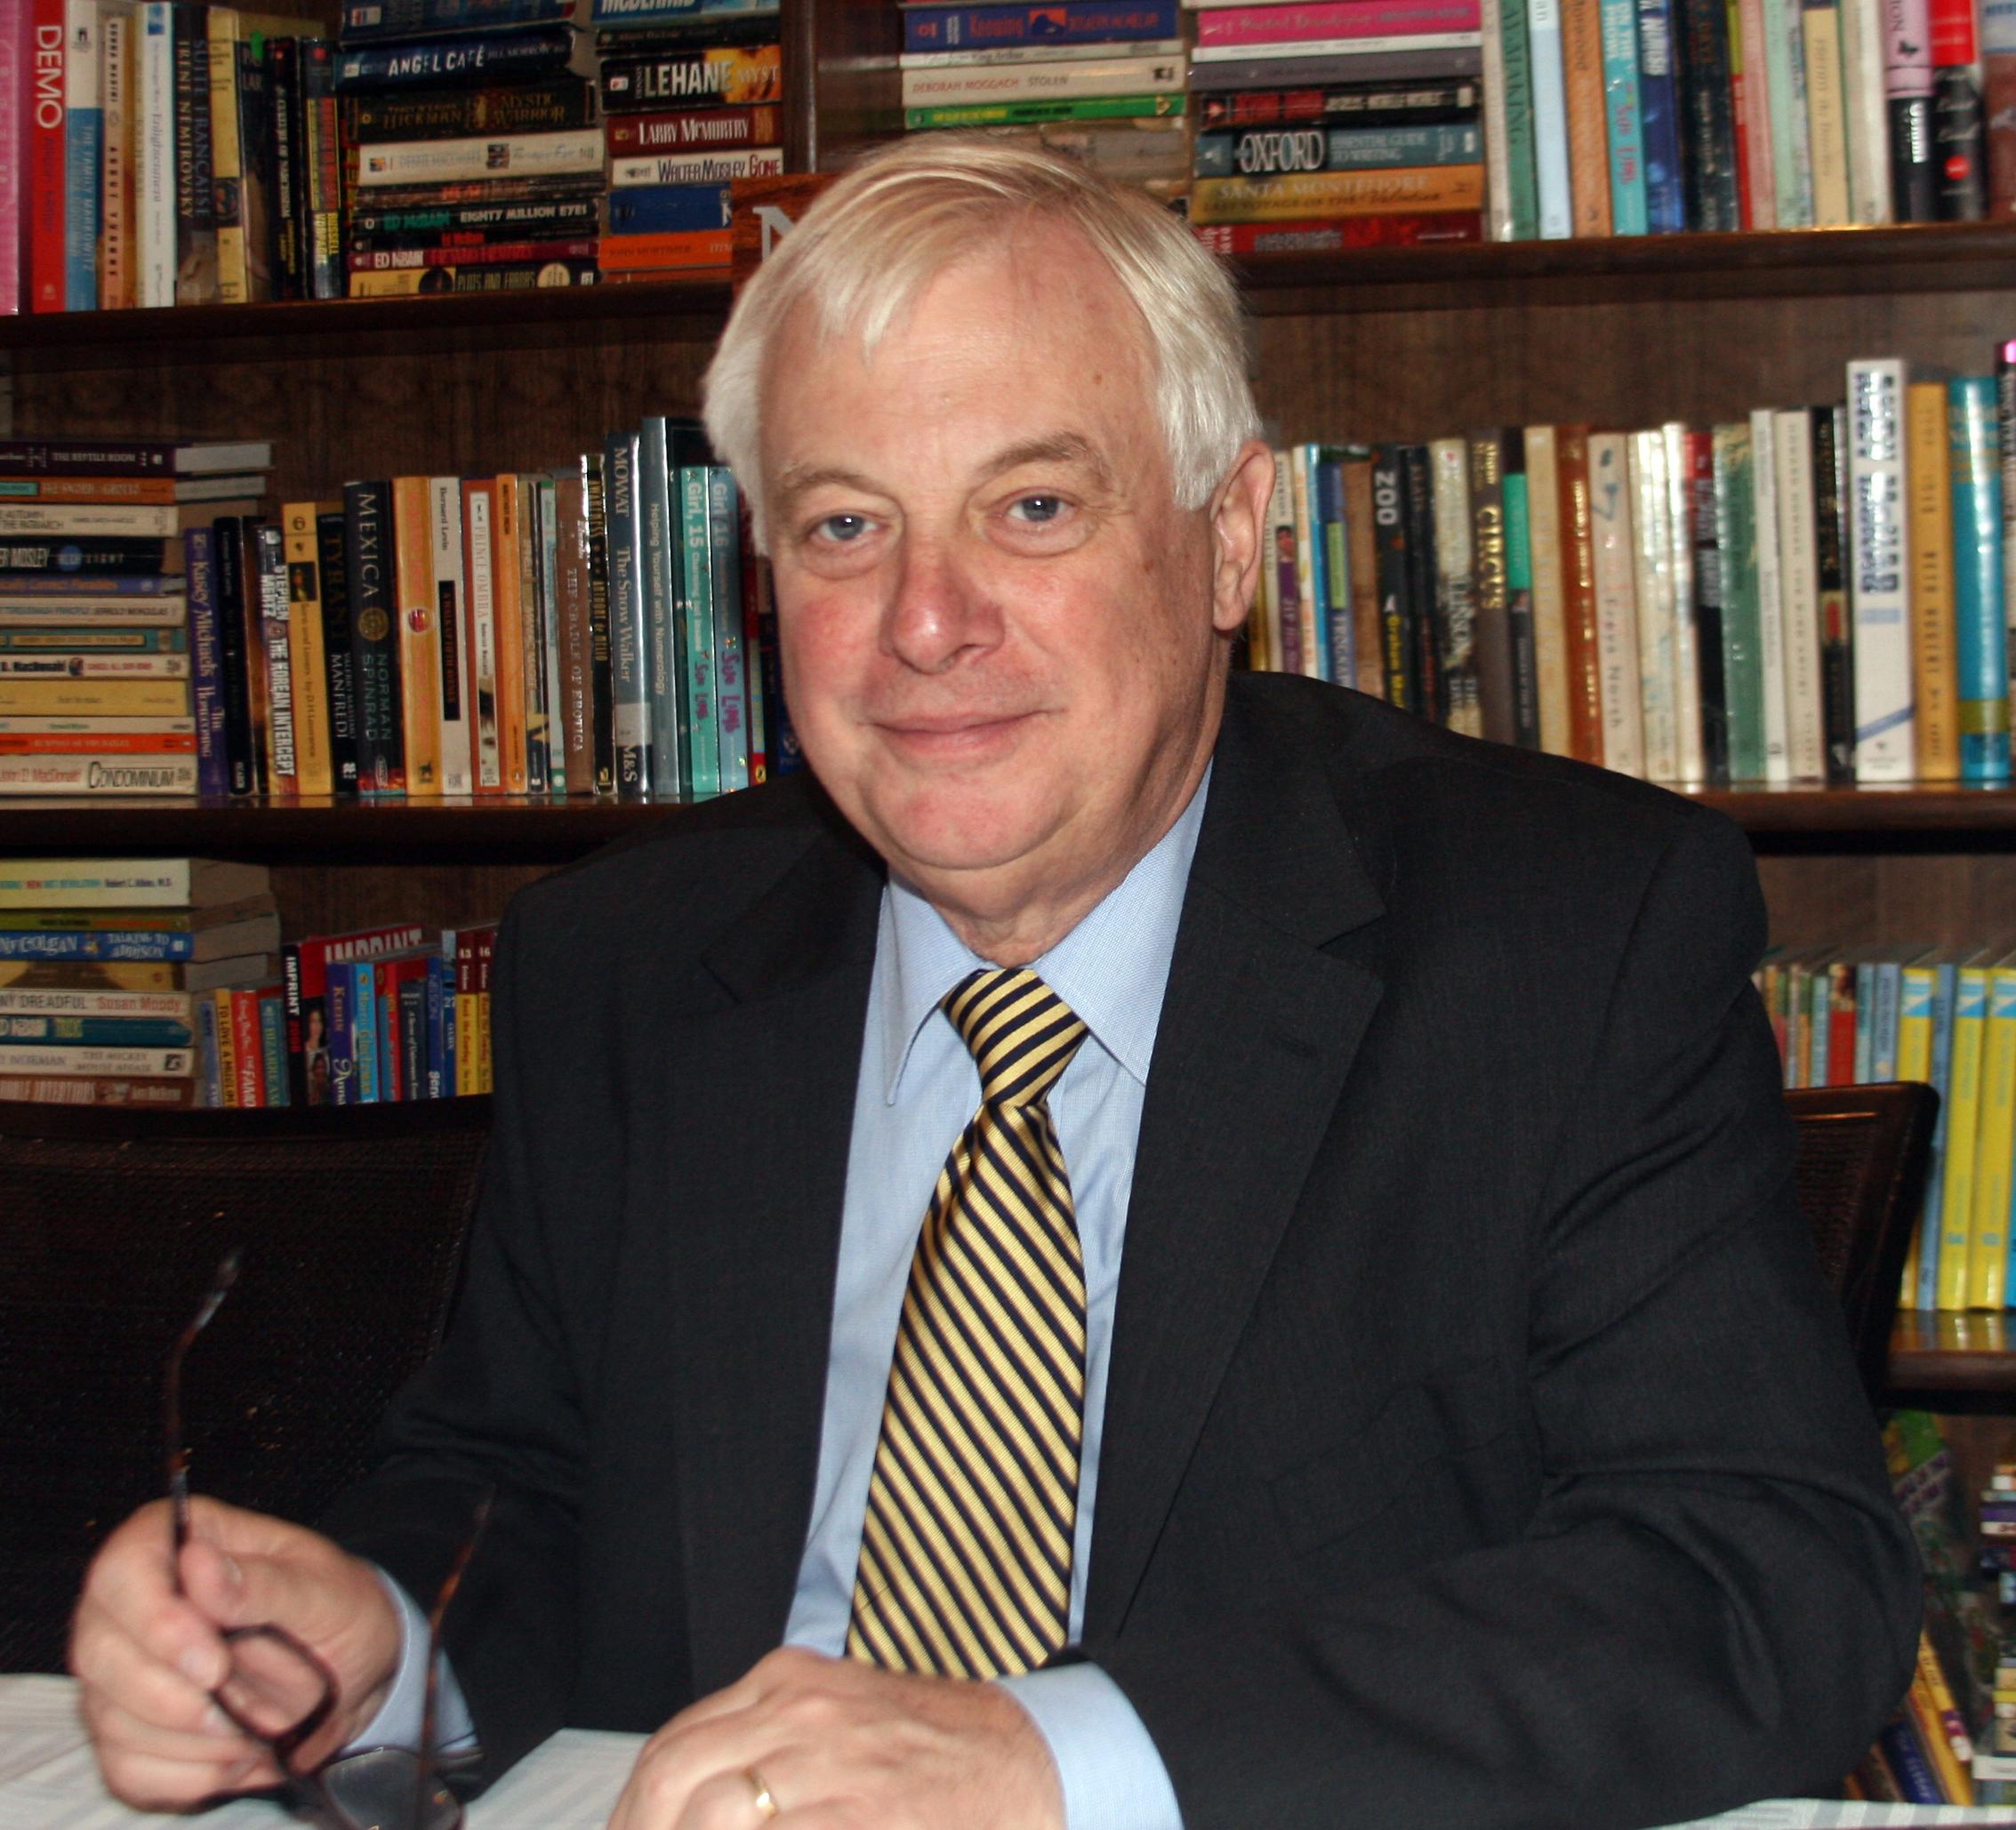 Chris Pattern; Source: Wikimedia Commons